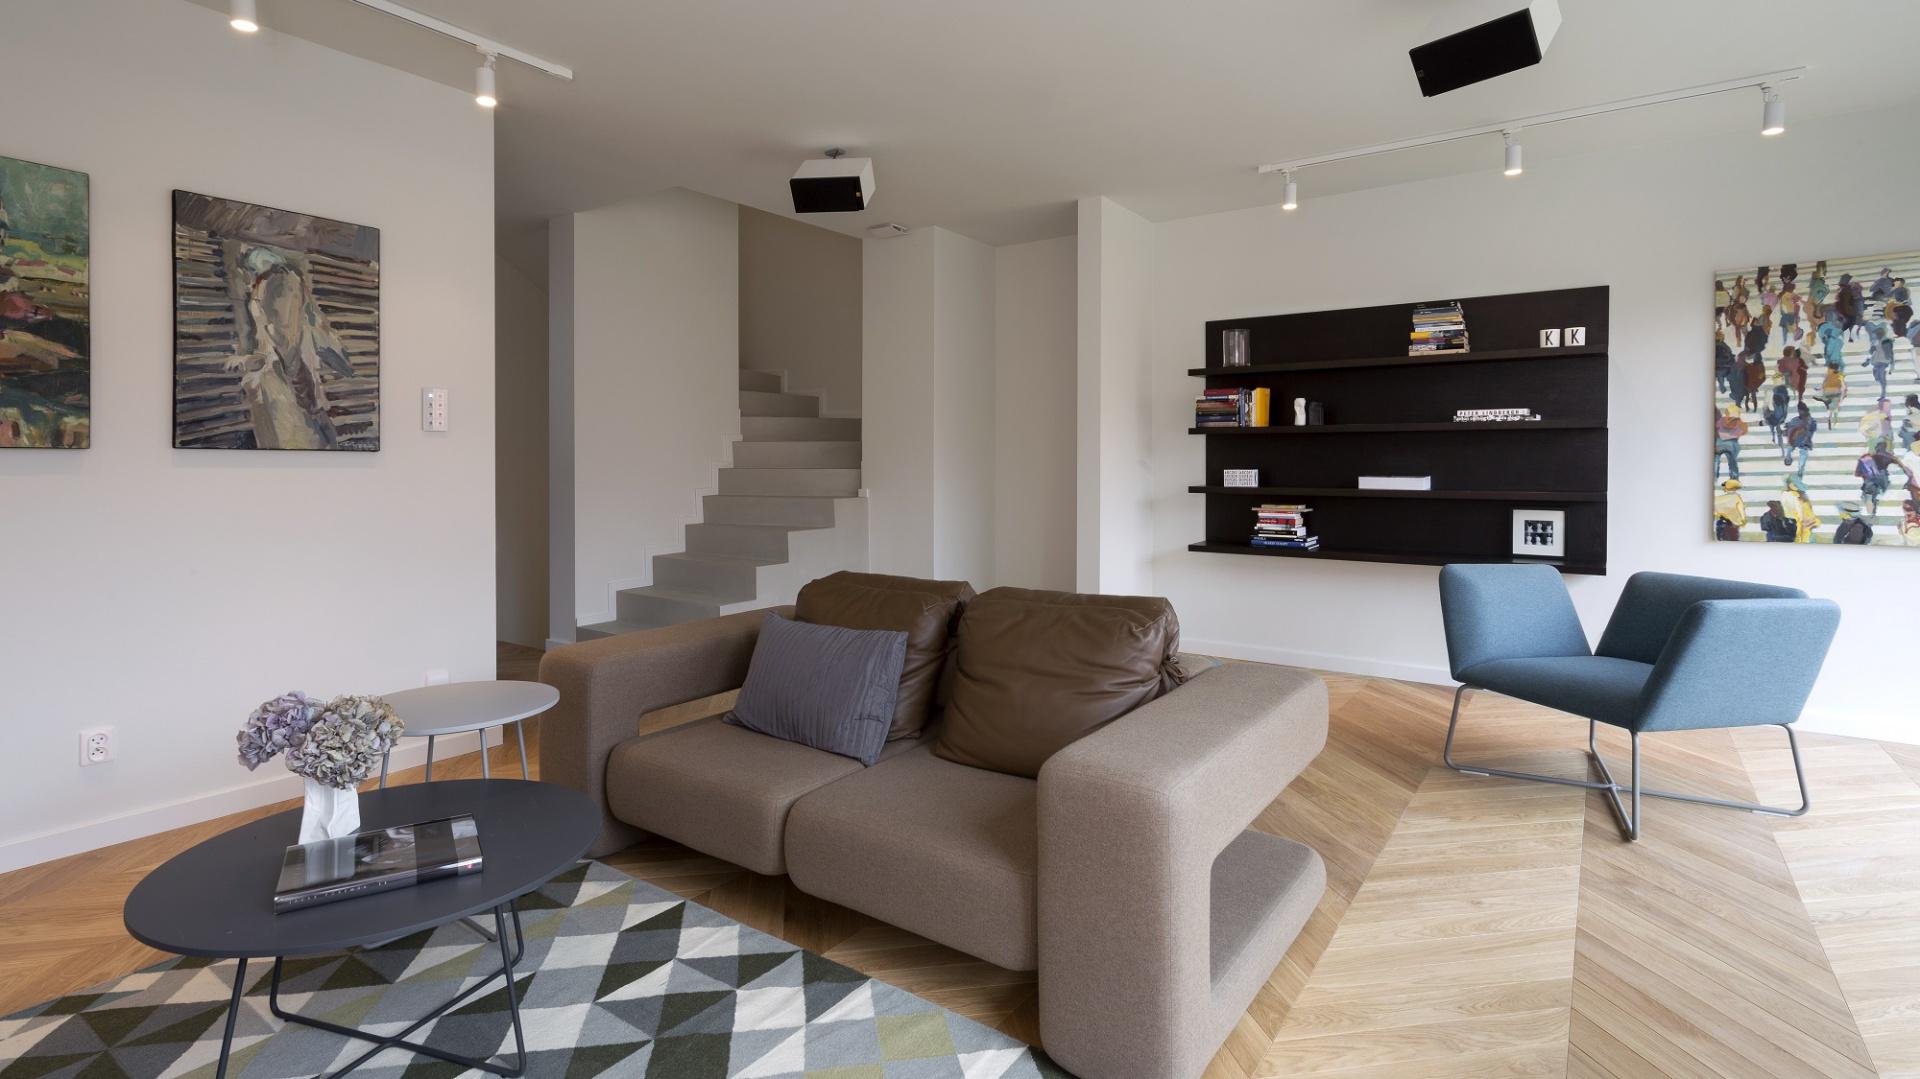 Wnętrze domu urządzono w oszczędnym, nowoczesnym stylu. Minimalizm aranżacji uzupełniają geometryczne motywy. Fot. Nickel Development